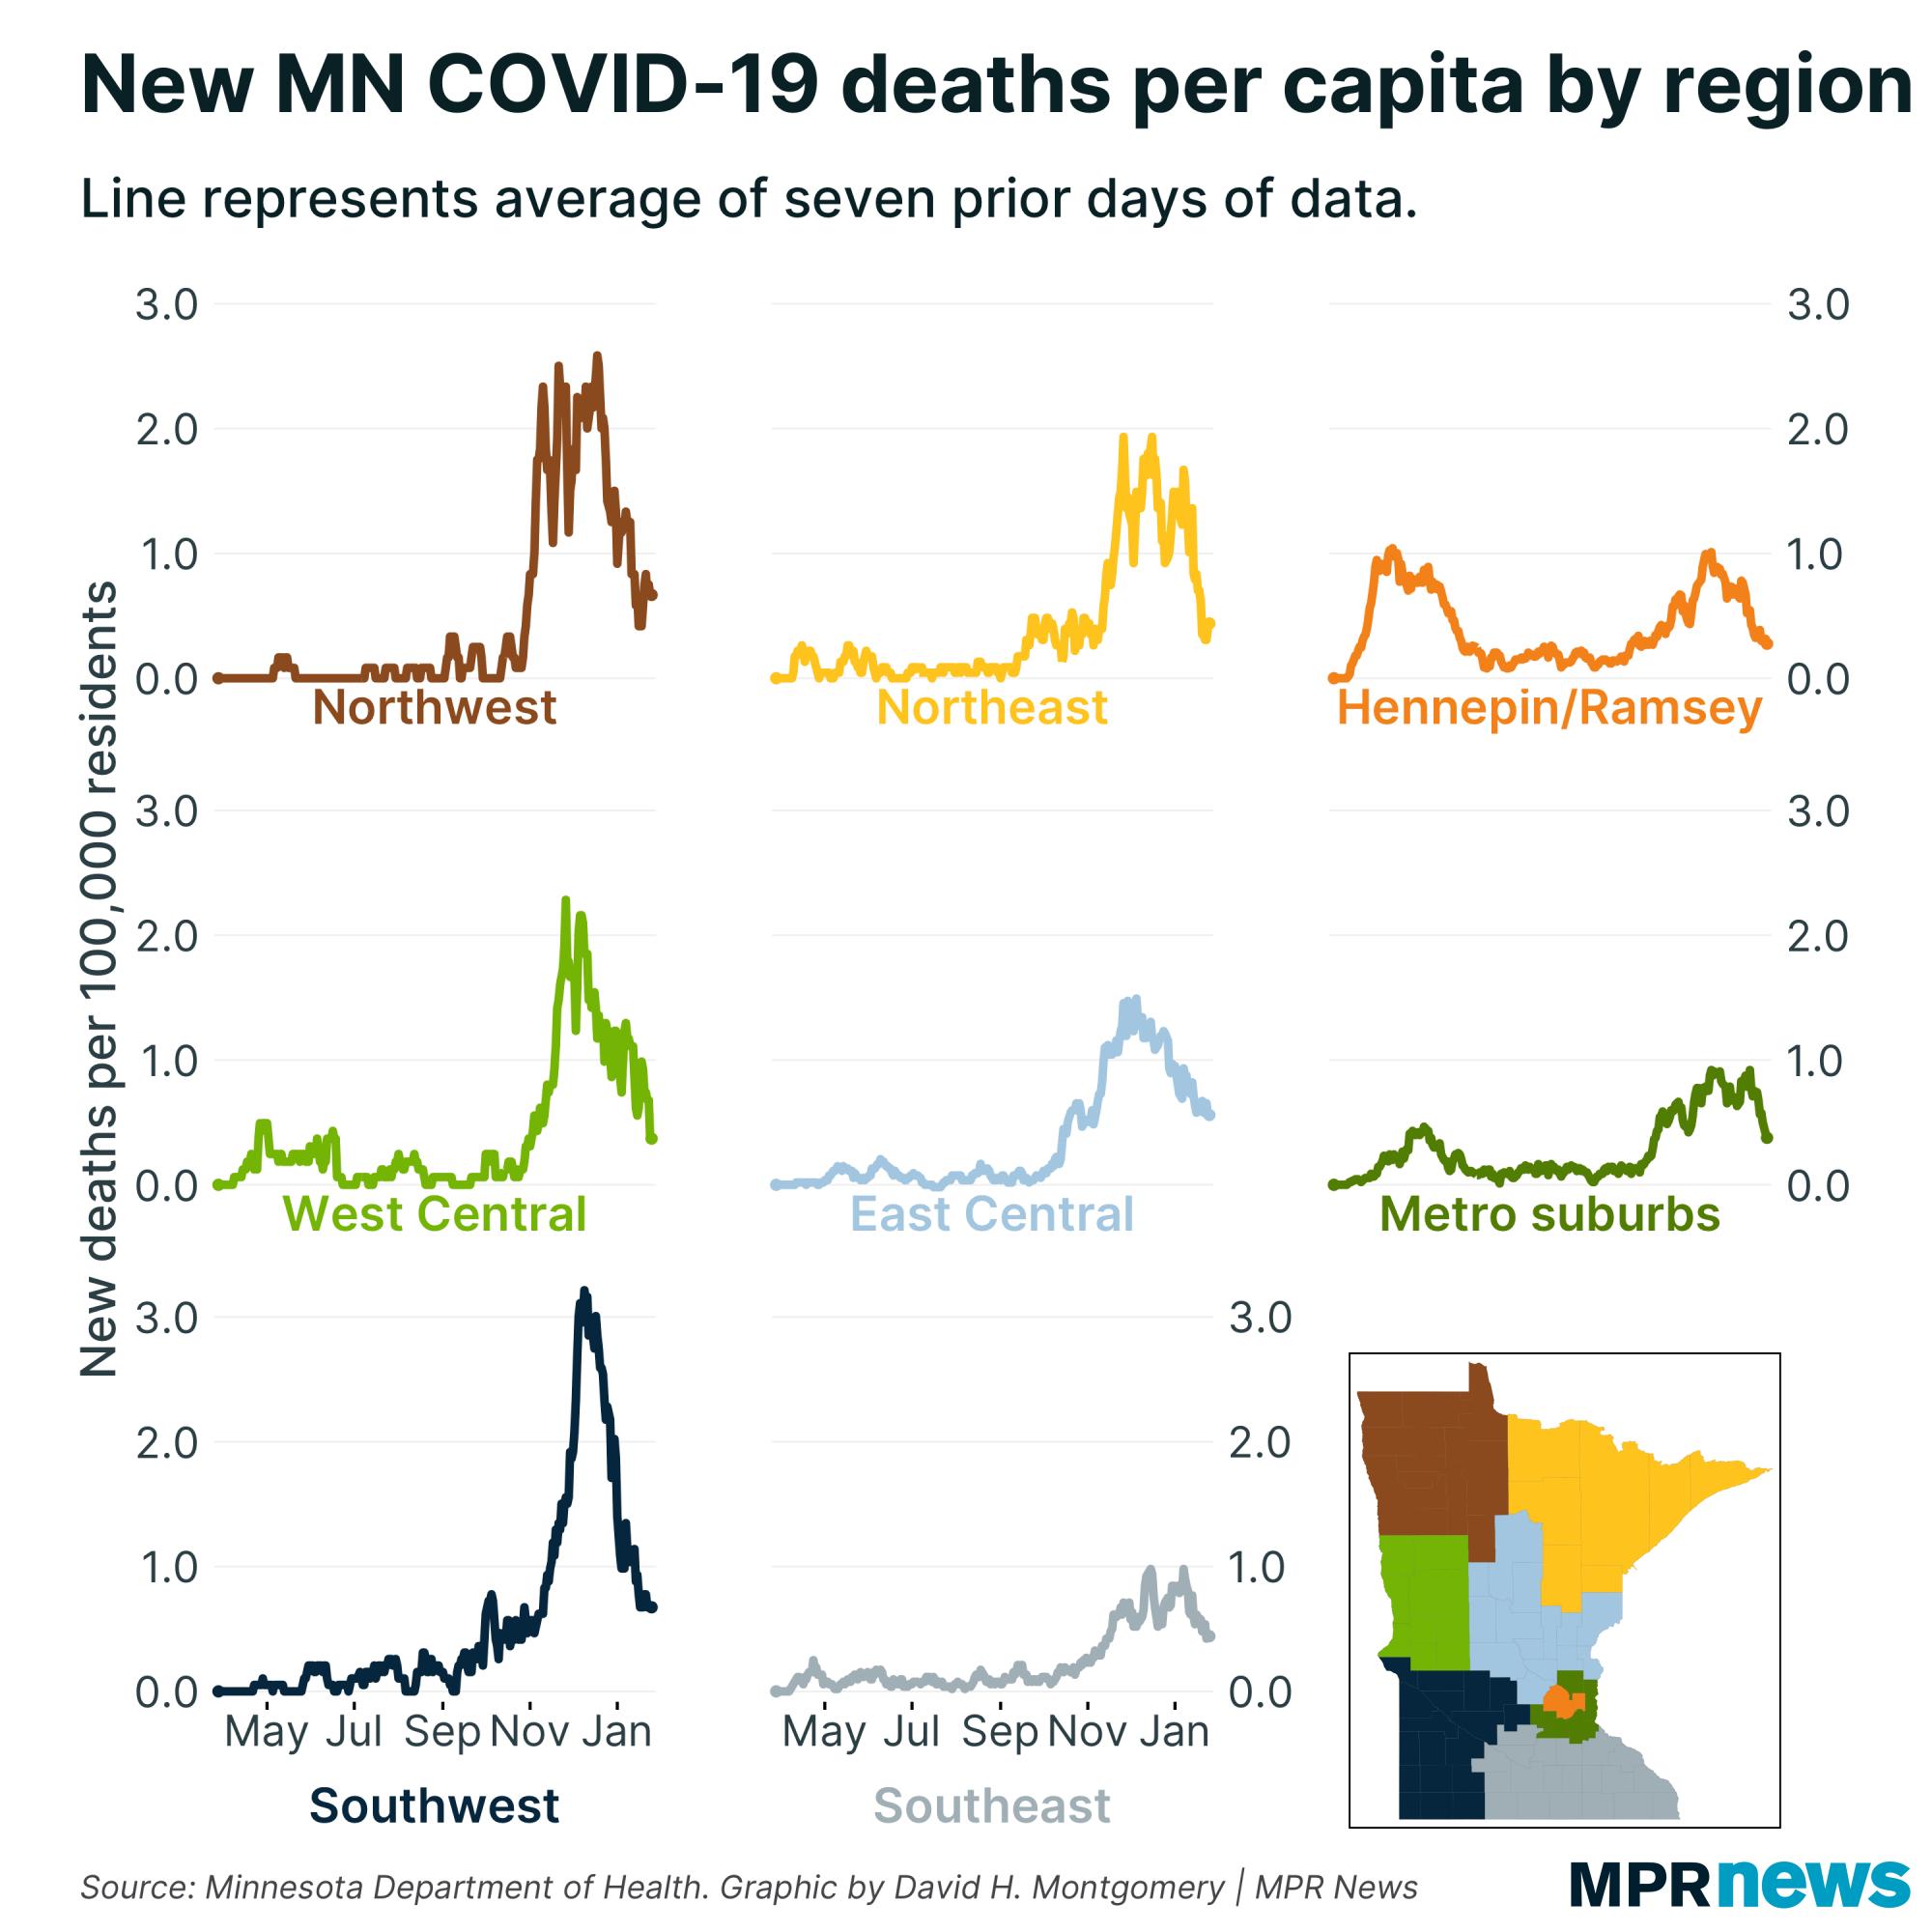 New Minnesota COVID-19 deaths per capita by region